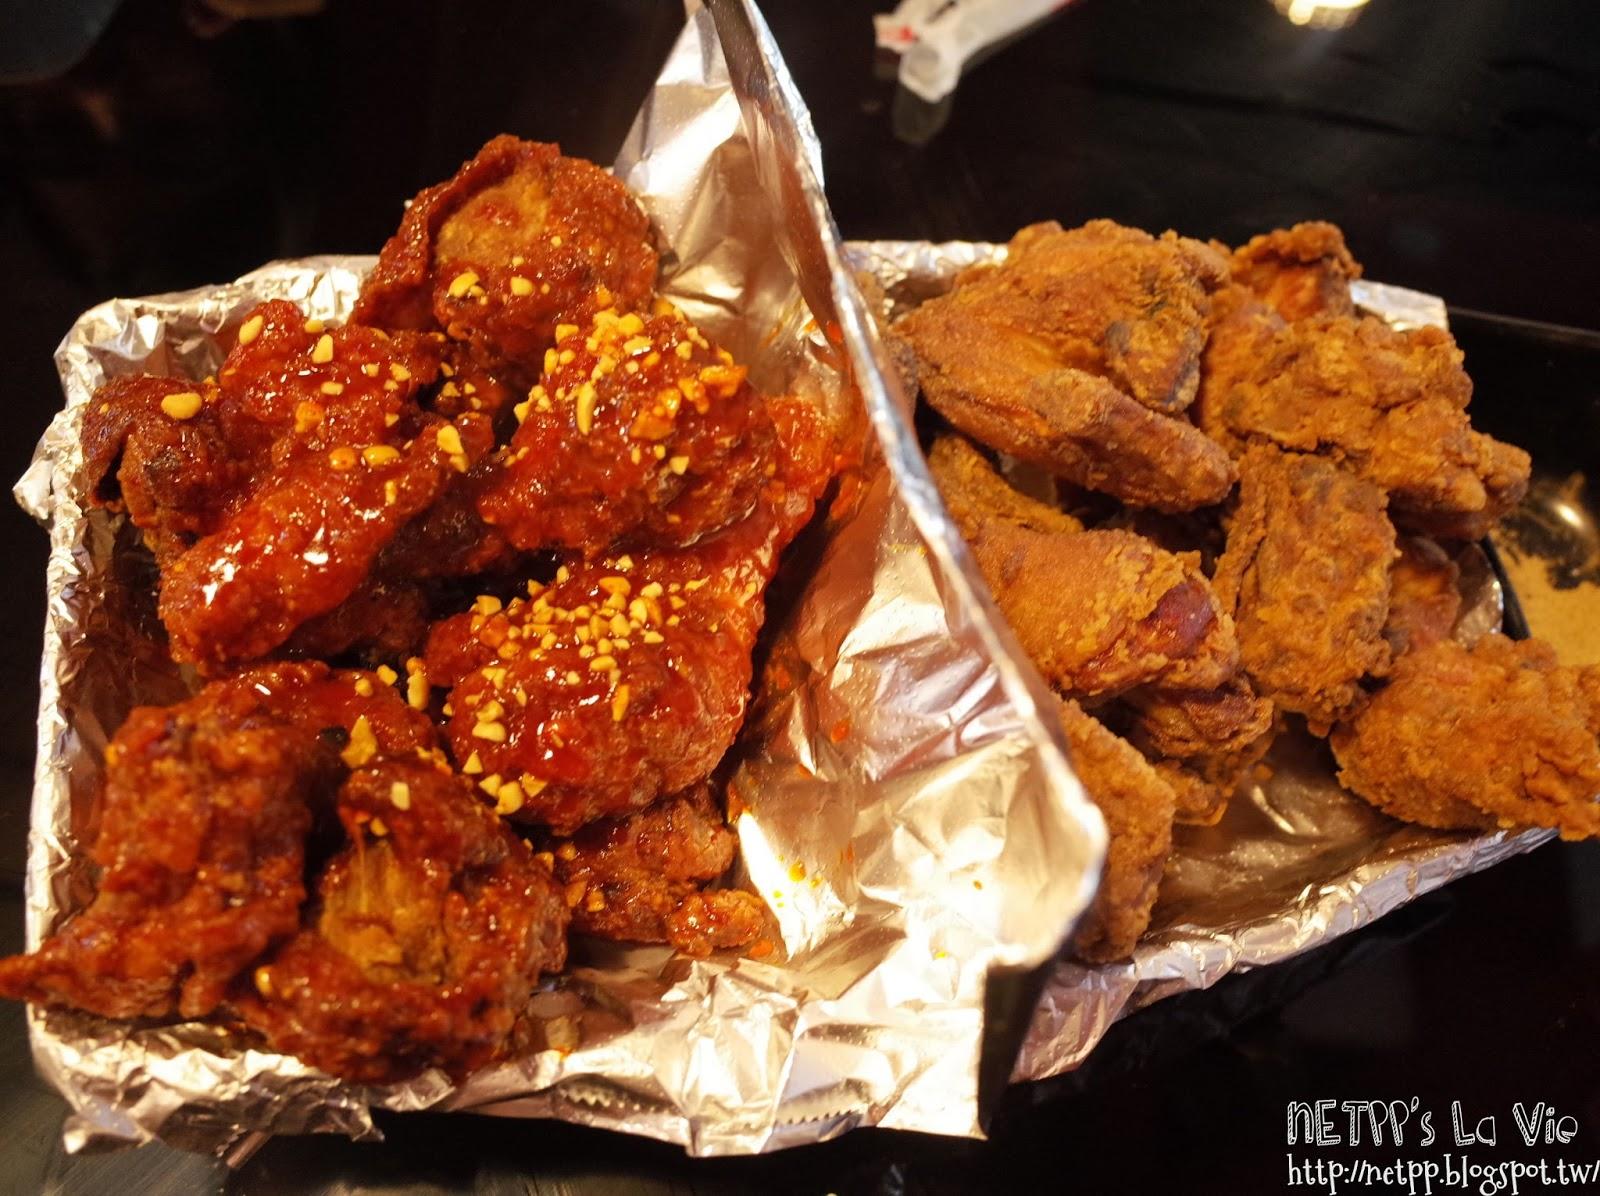 NETPP's La Vie: 【中壢】戲裡紅到戲外的韓式炸雞。飯醉集團韓式小吃